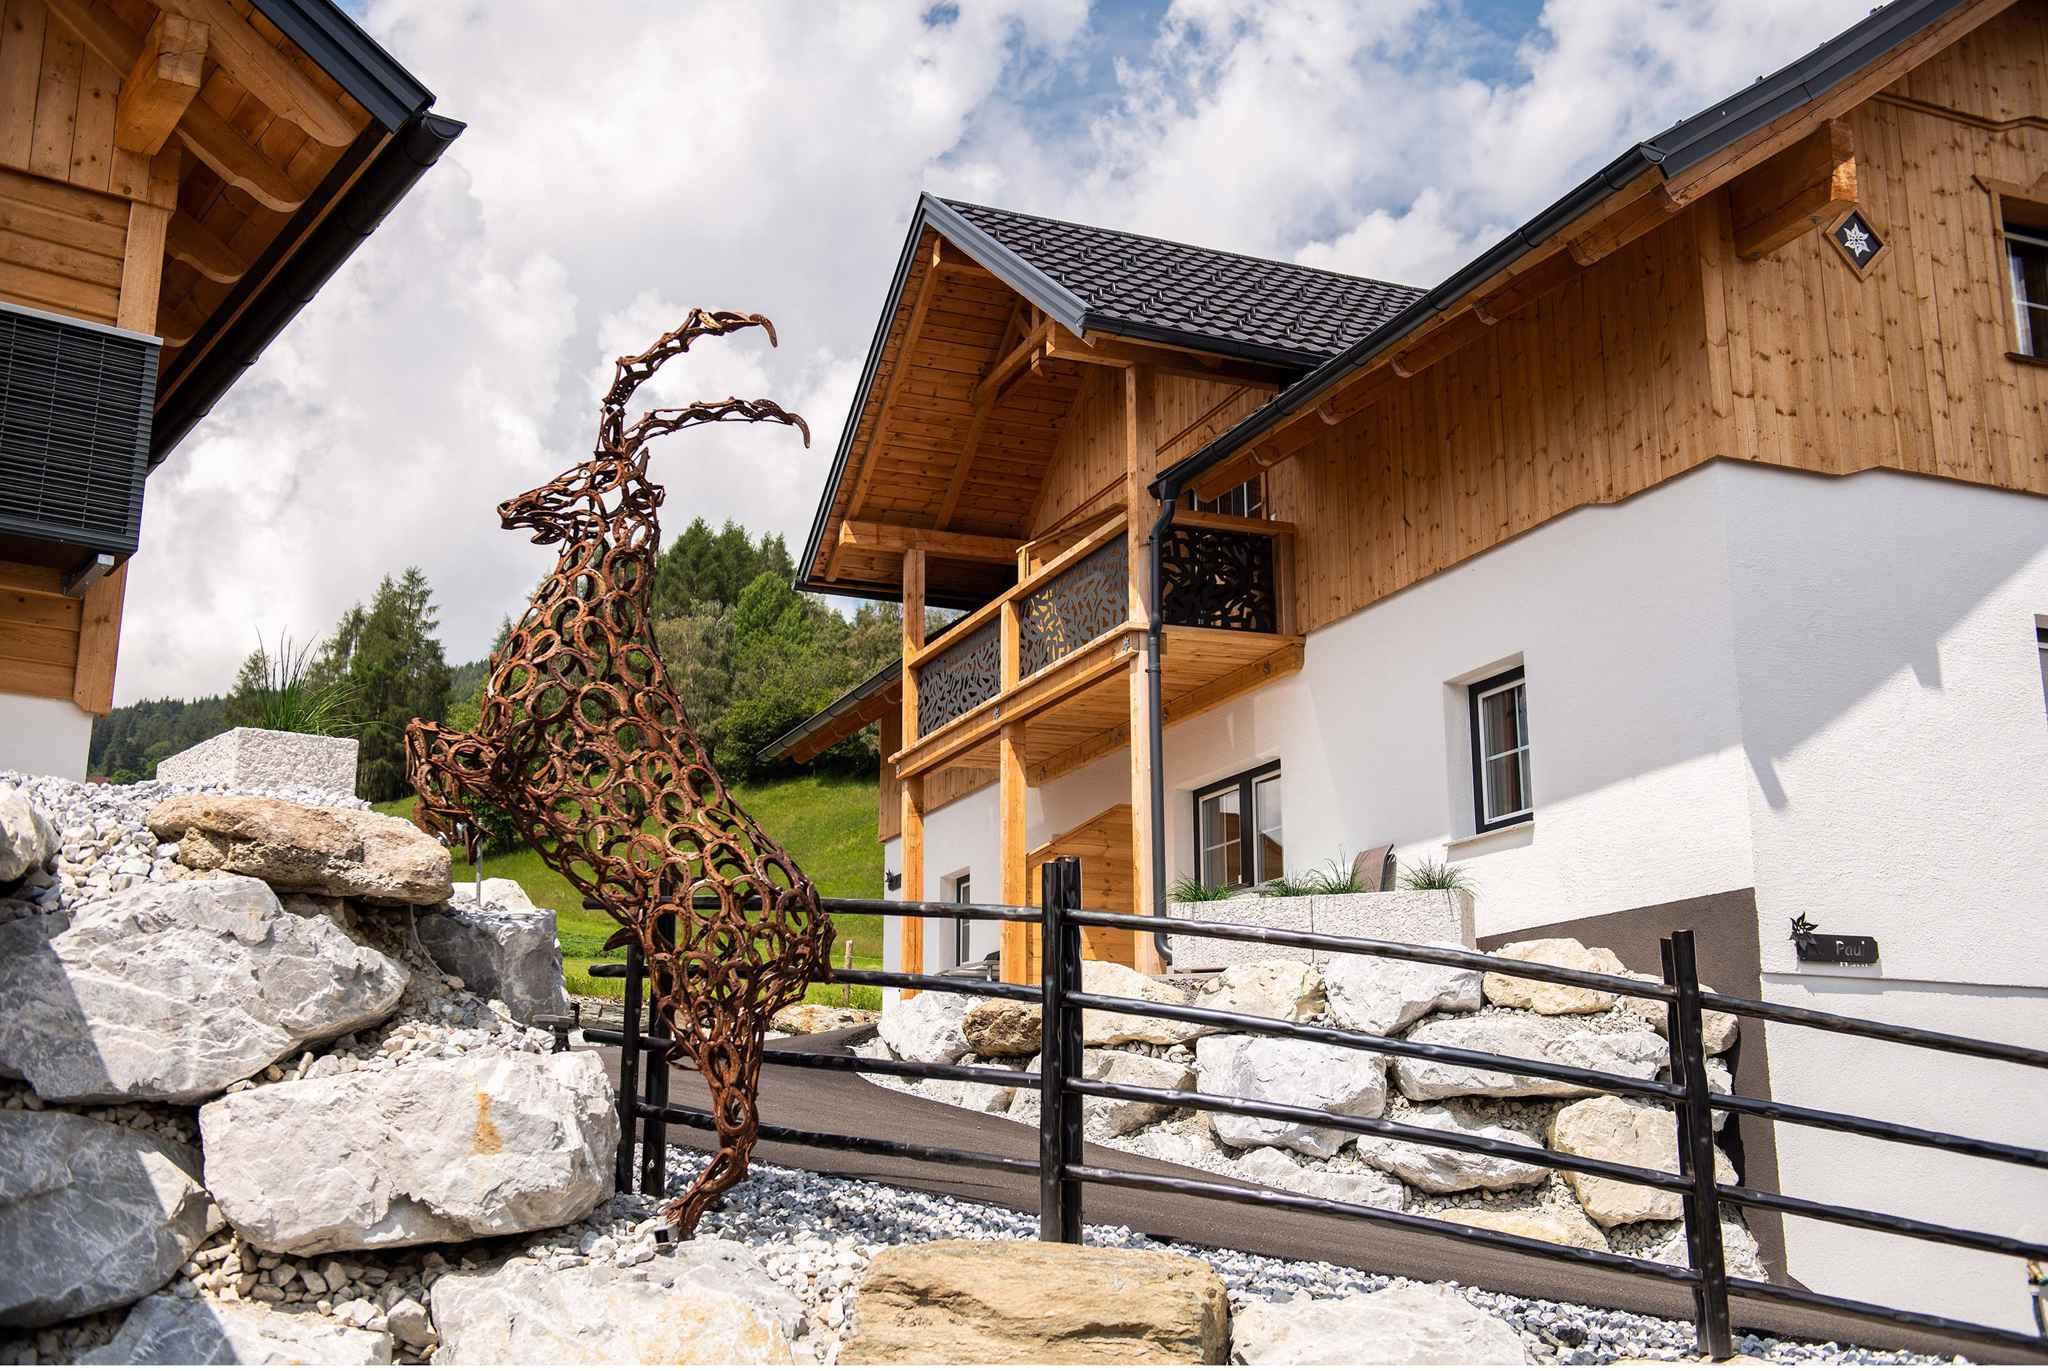 Ferienhaus im Feriendorf Edelweiss (2916176), Mariapfarr, Lungau, Salzburg, Österreich, Bild 42